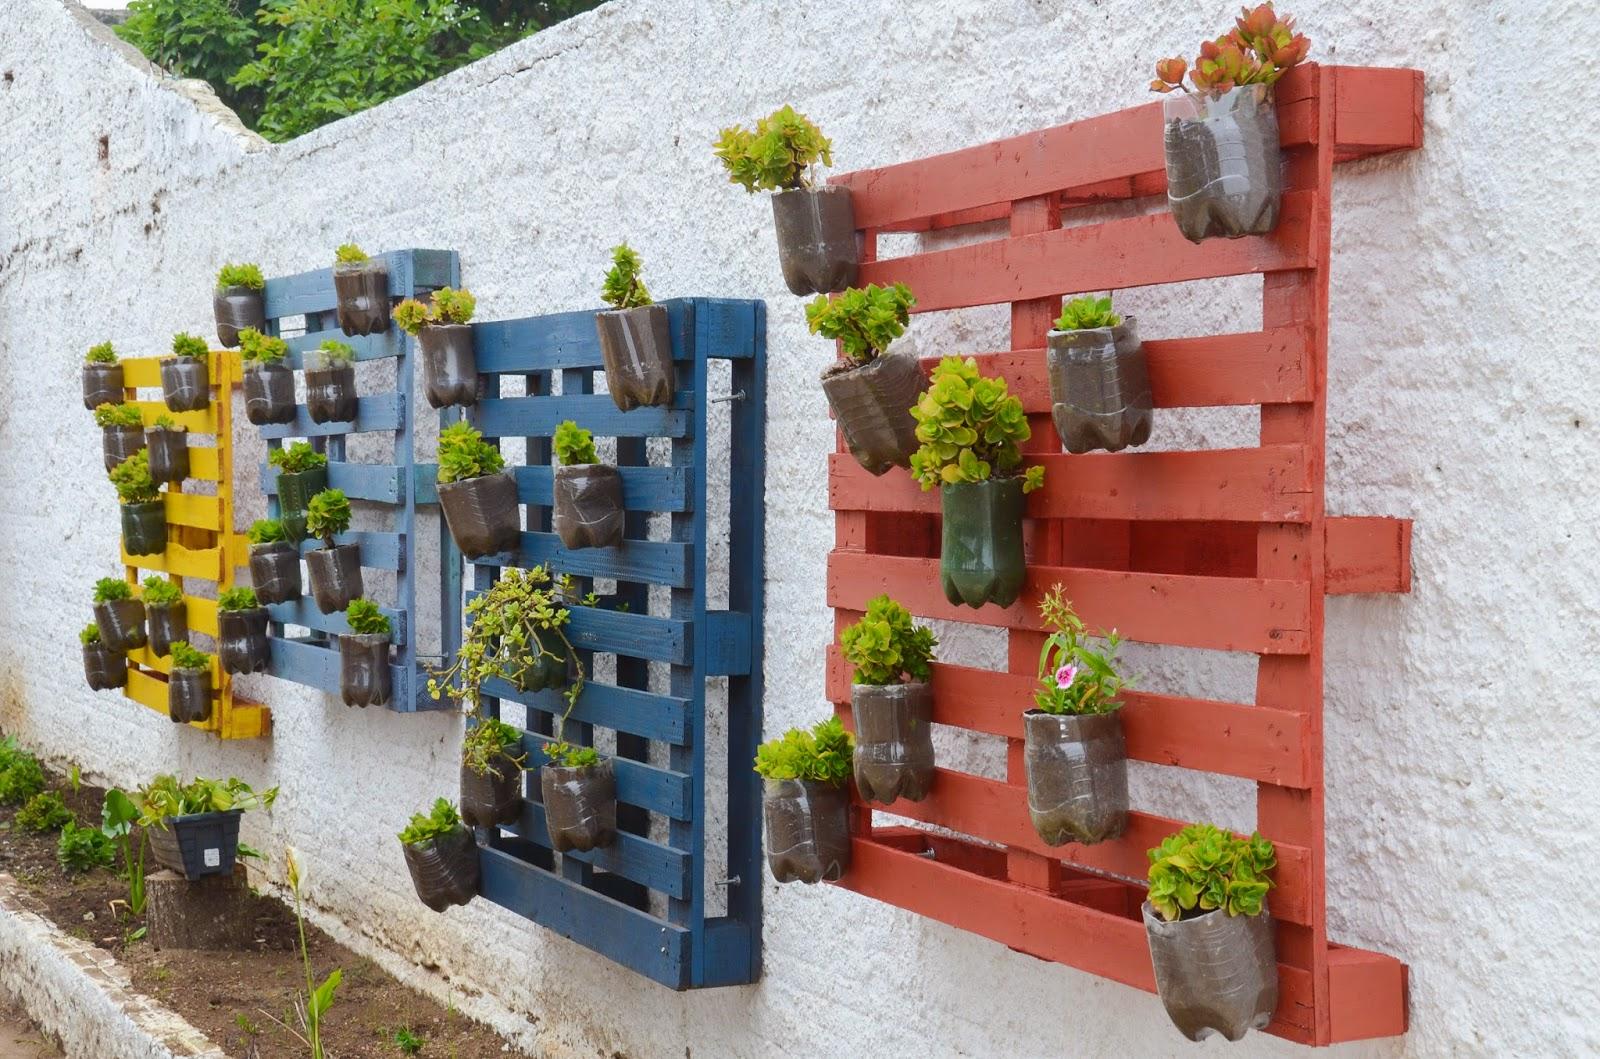 Jardim suspenso e de lixo reciclável